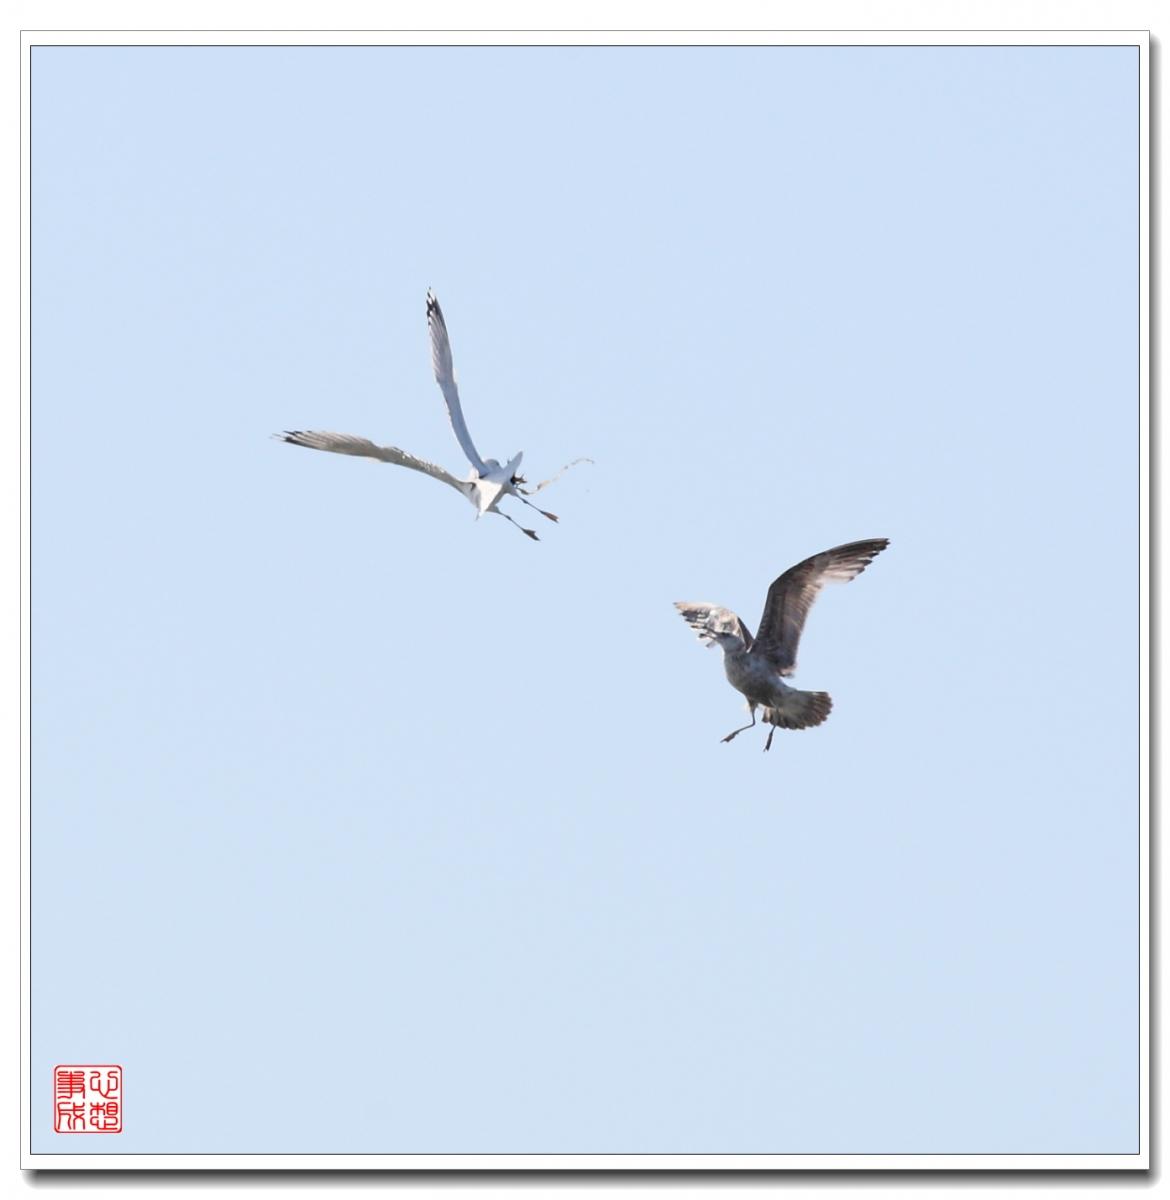 【心想事成】空中表演-海鸥_图1-22